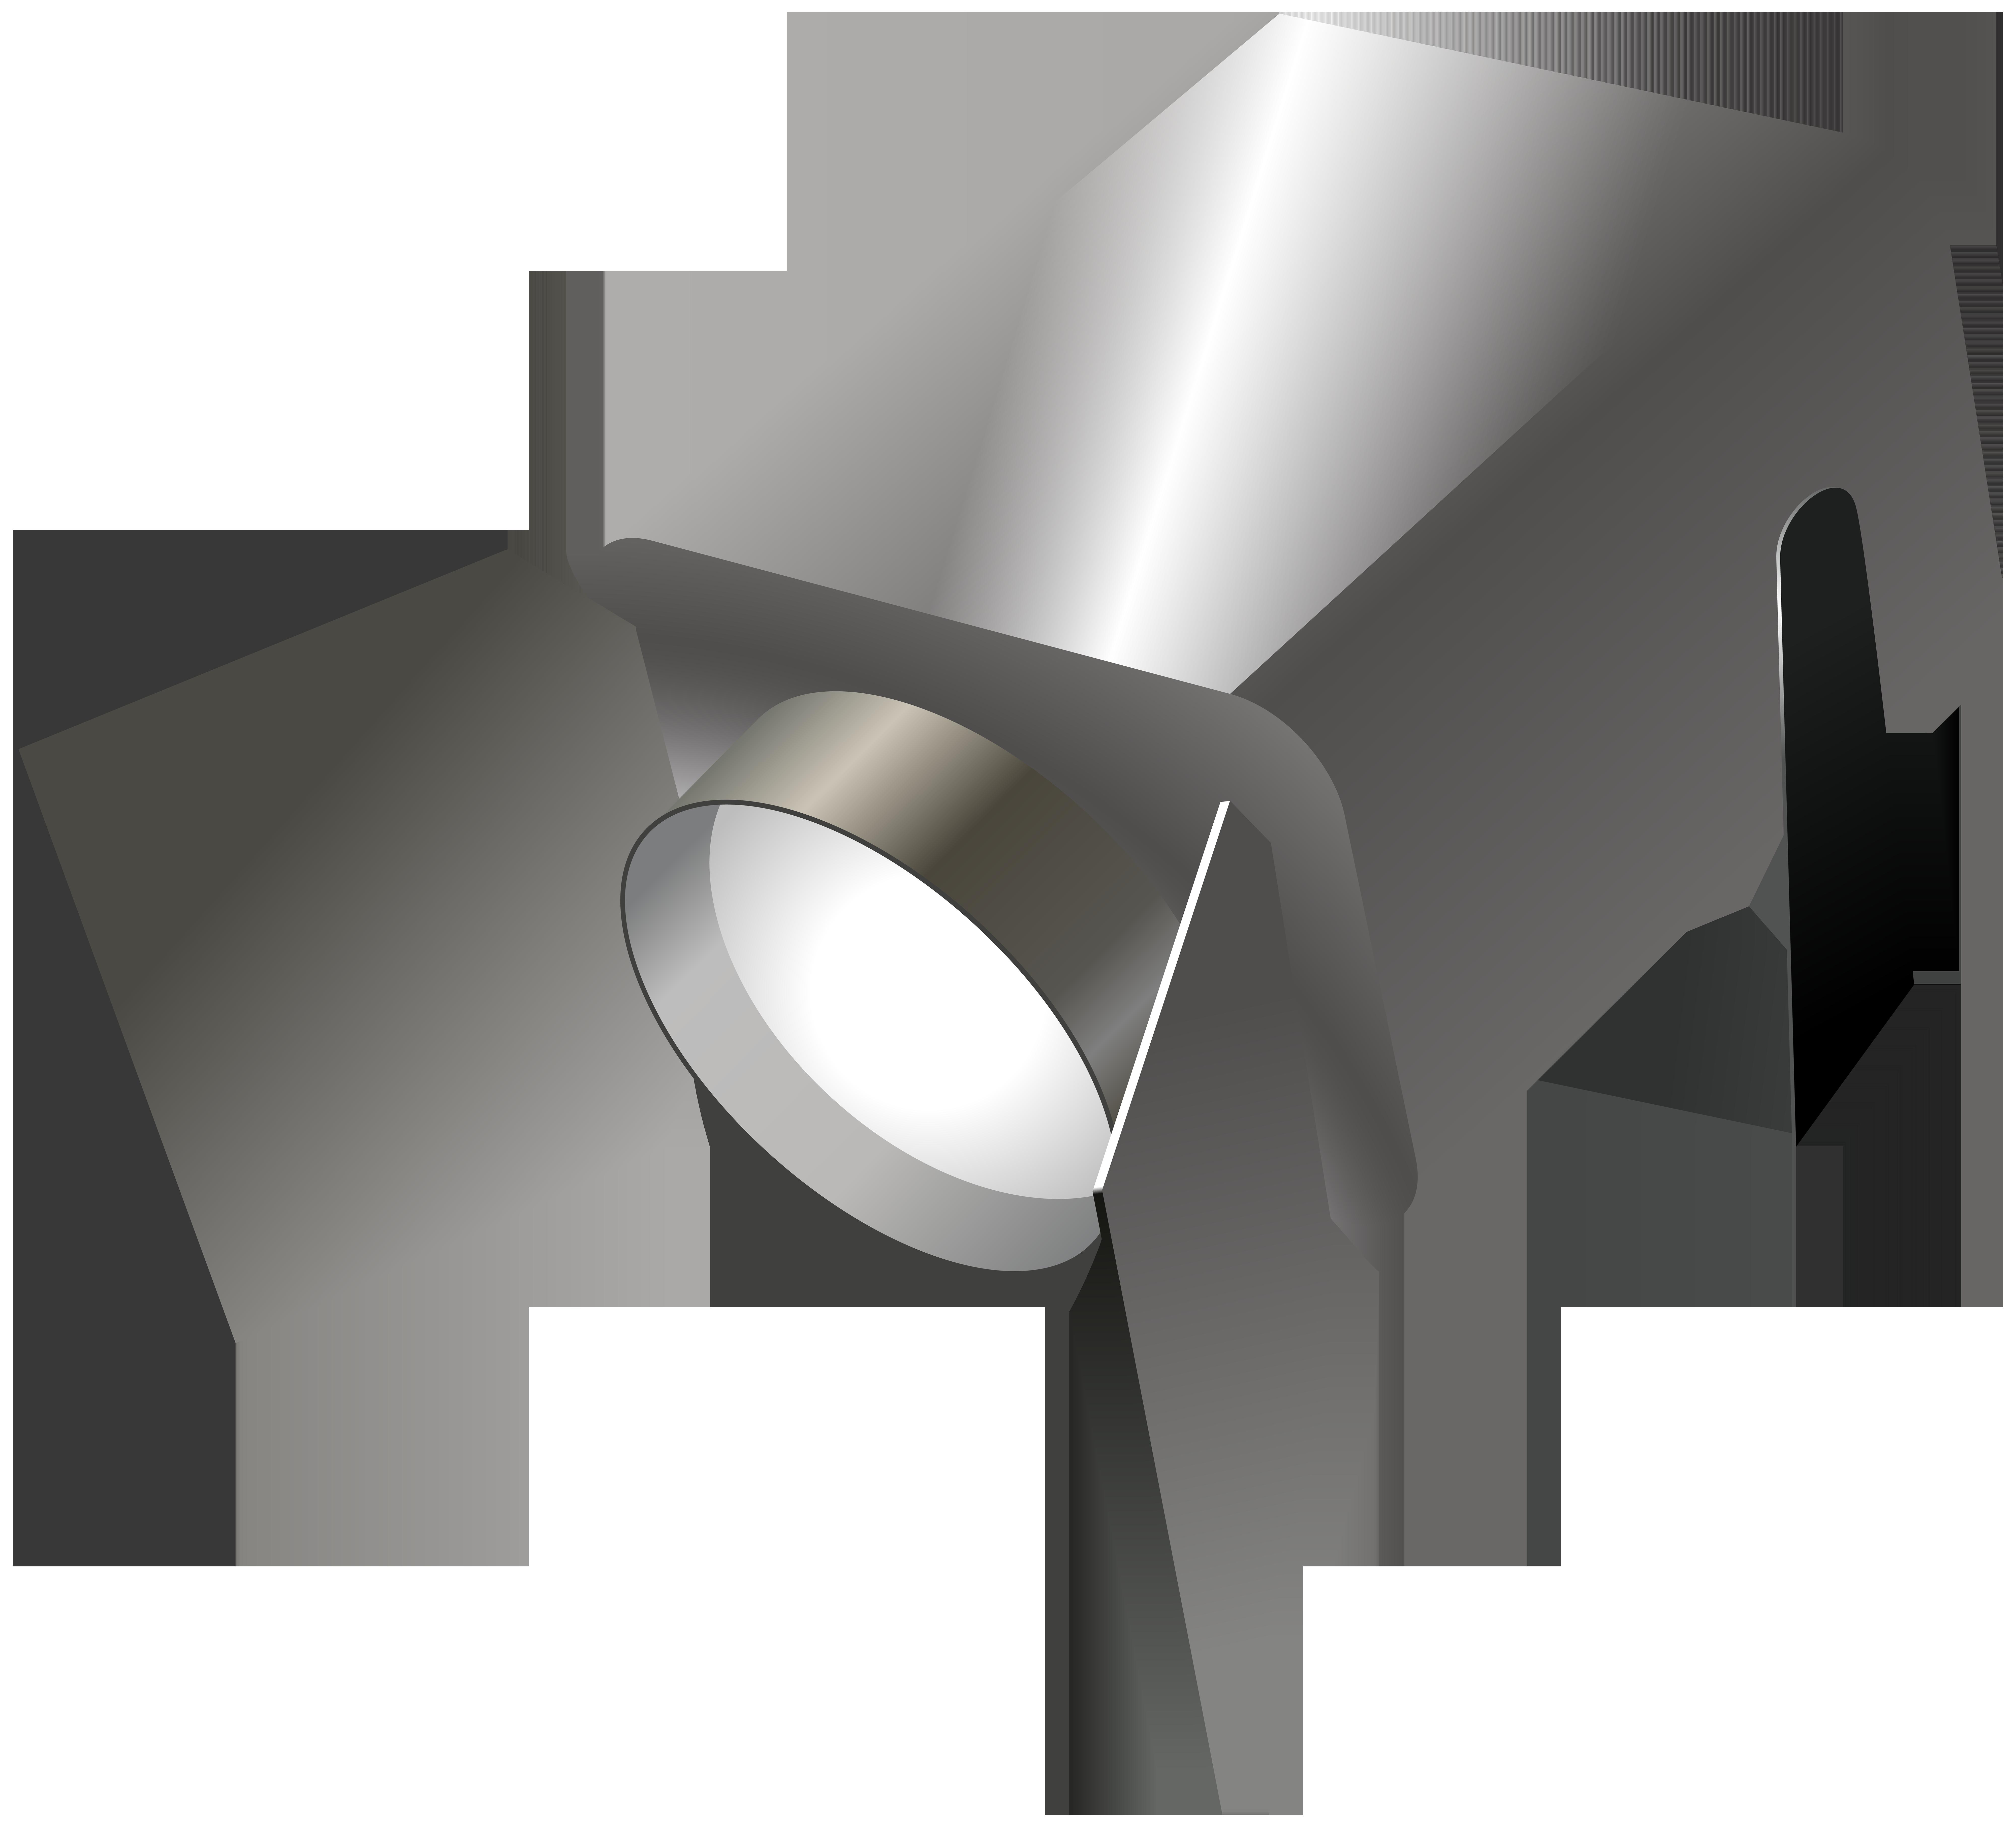 Planet clipart ring logo. Spotlight png clip art